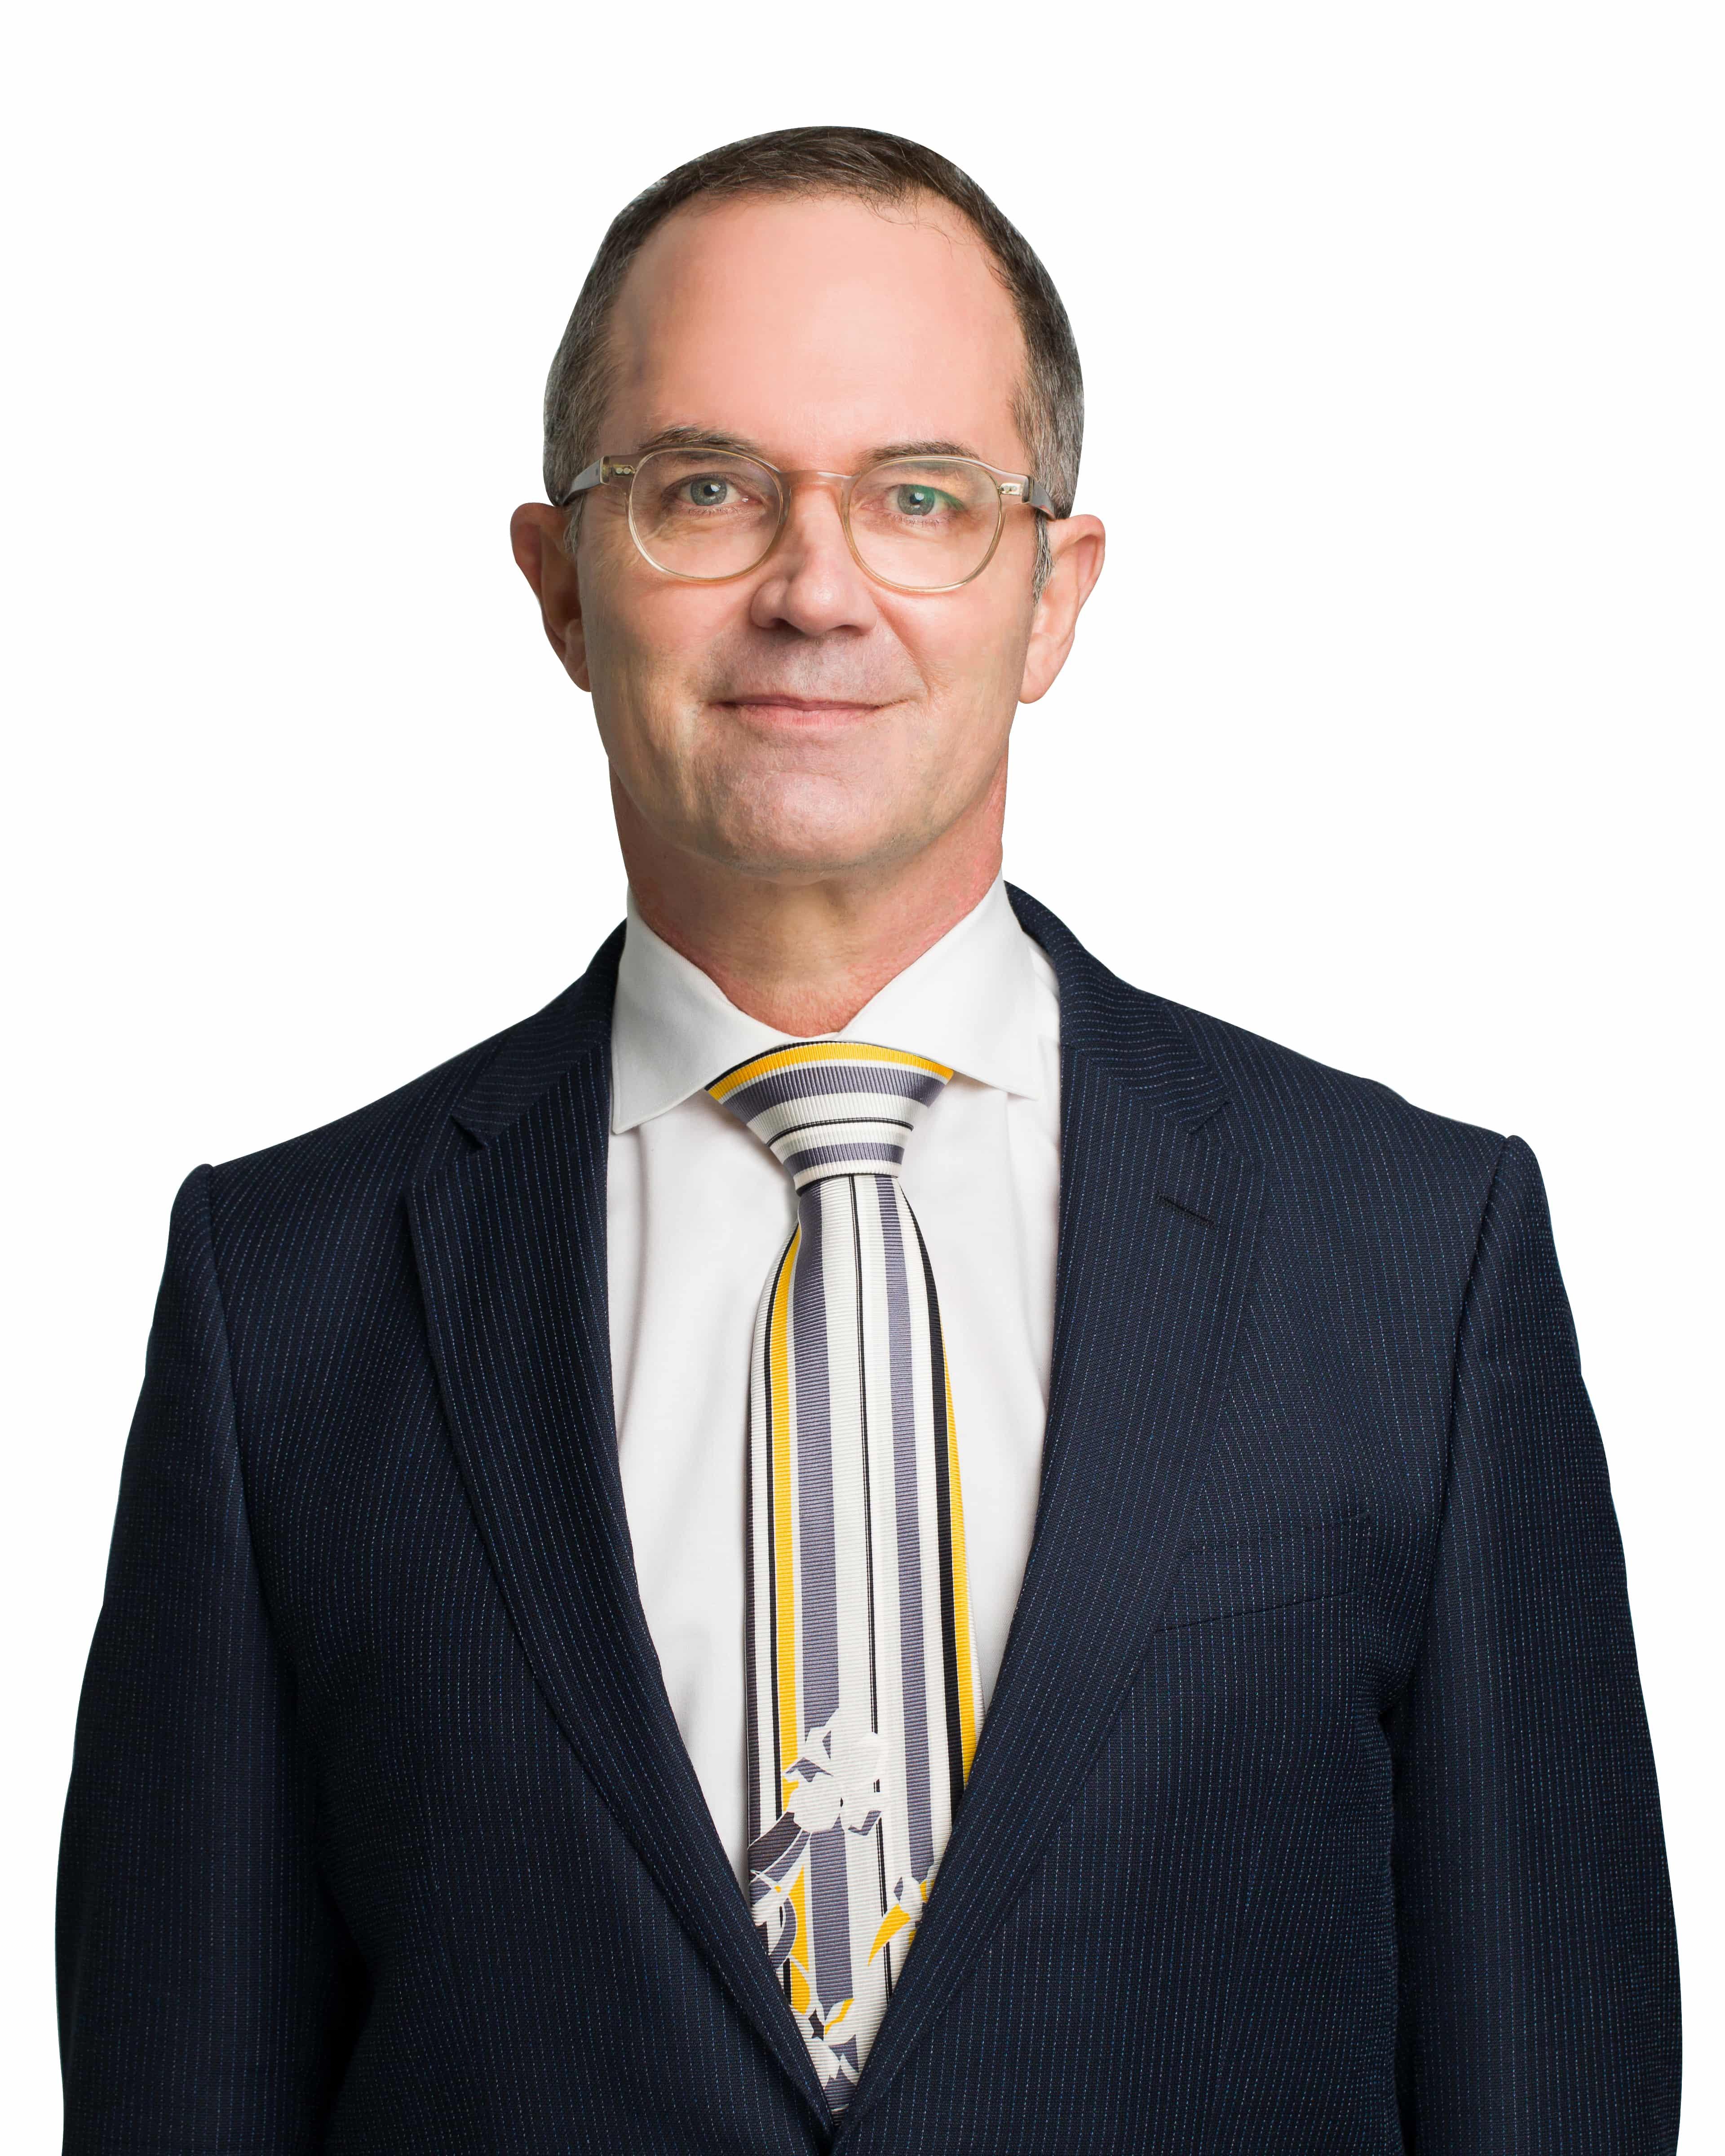 Damien Bourke